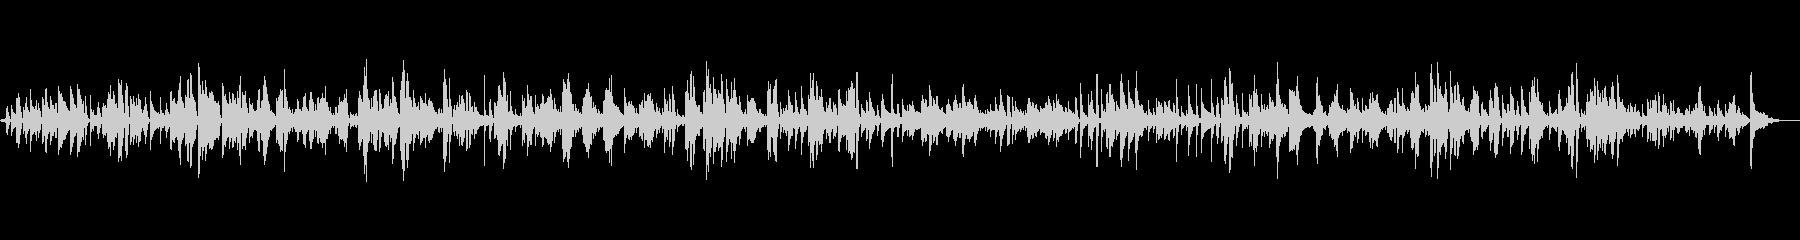 古いレコード風の懐古的日本語ボサノヴァの未再生の波形